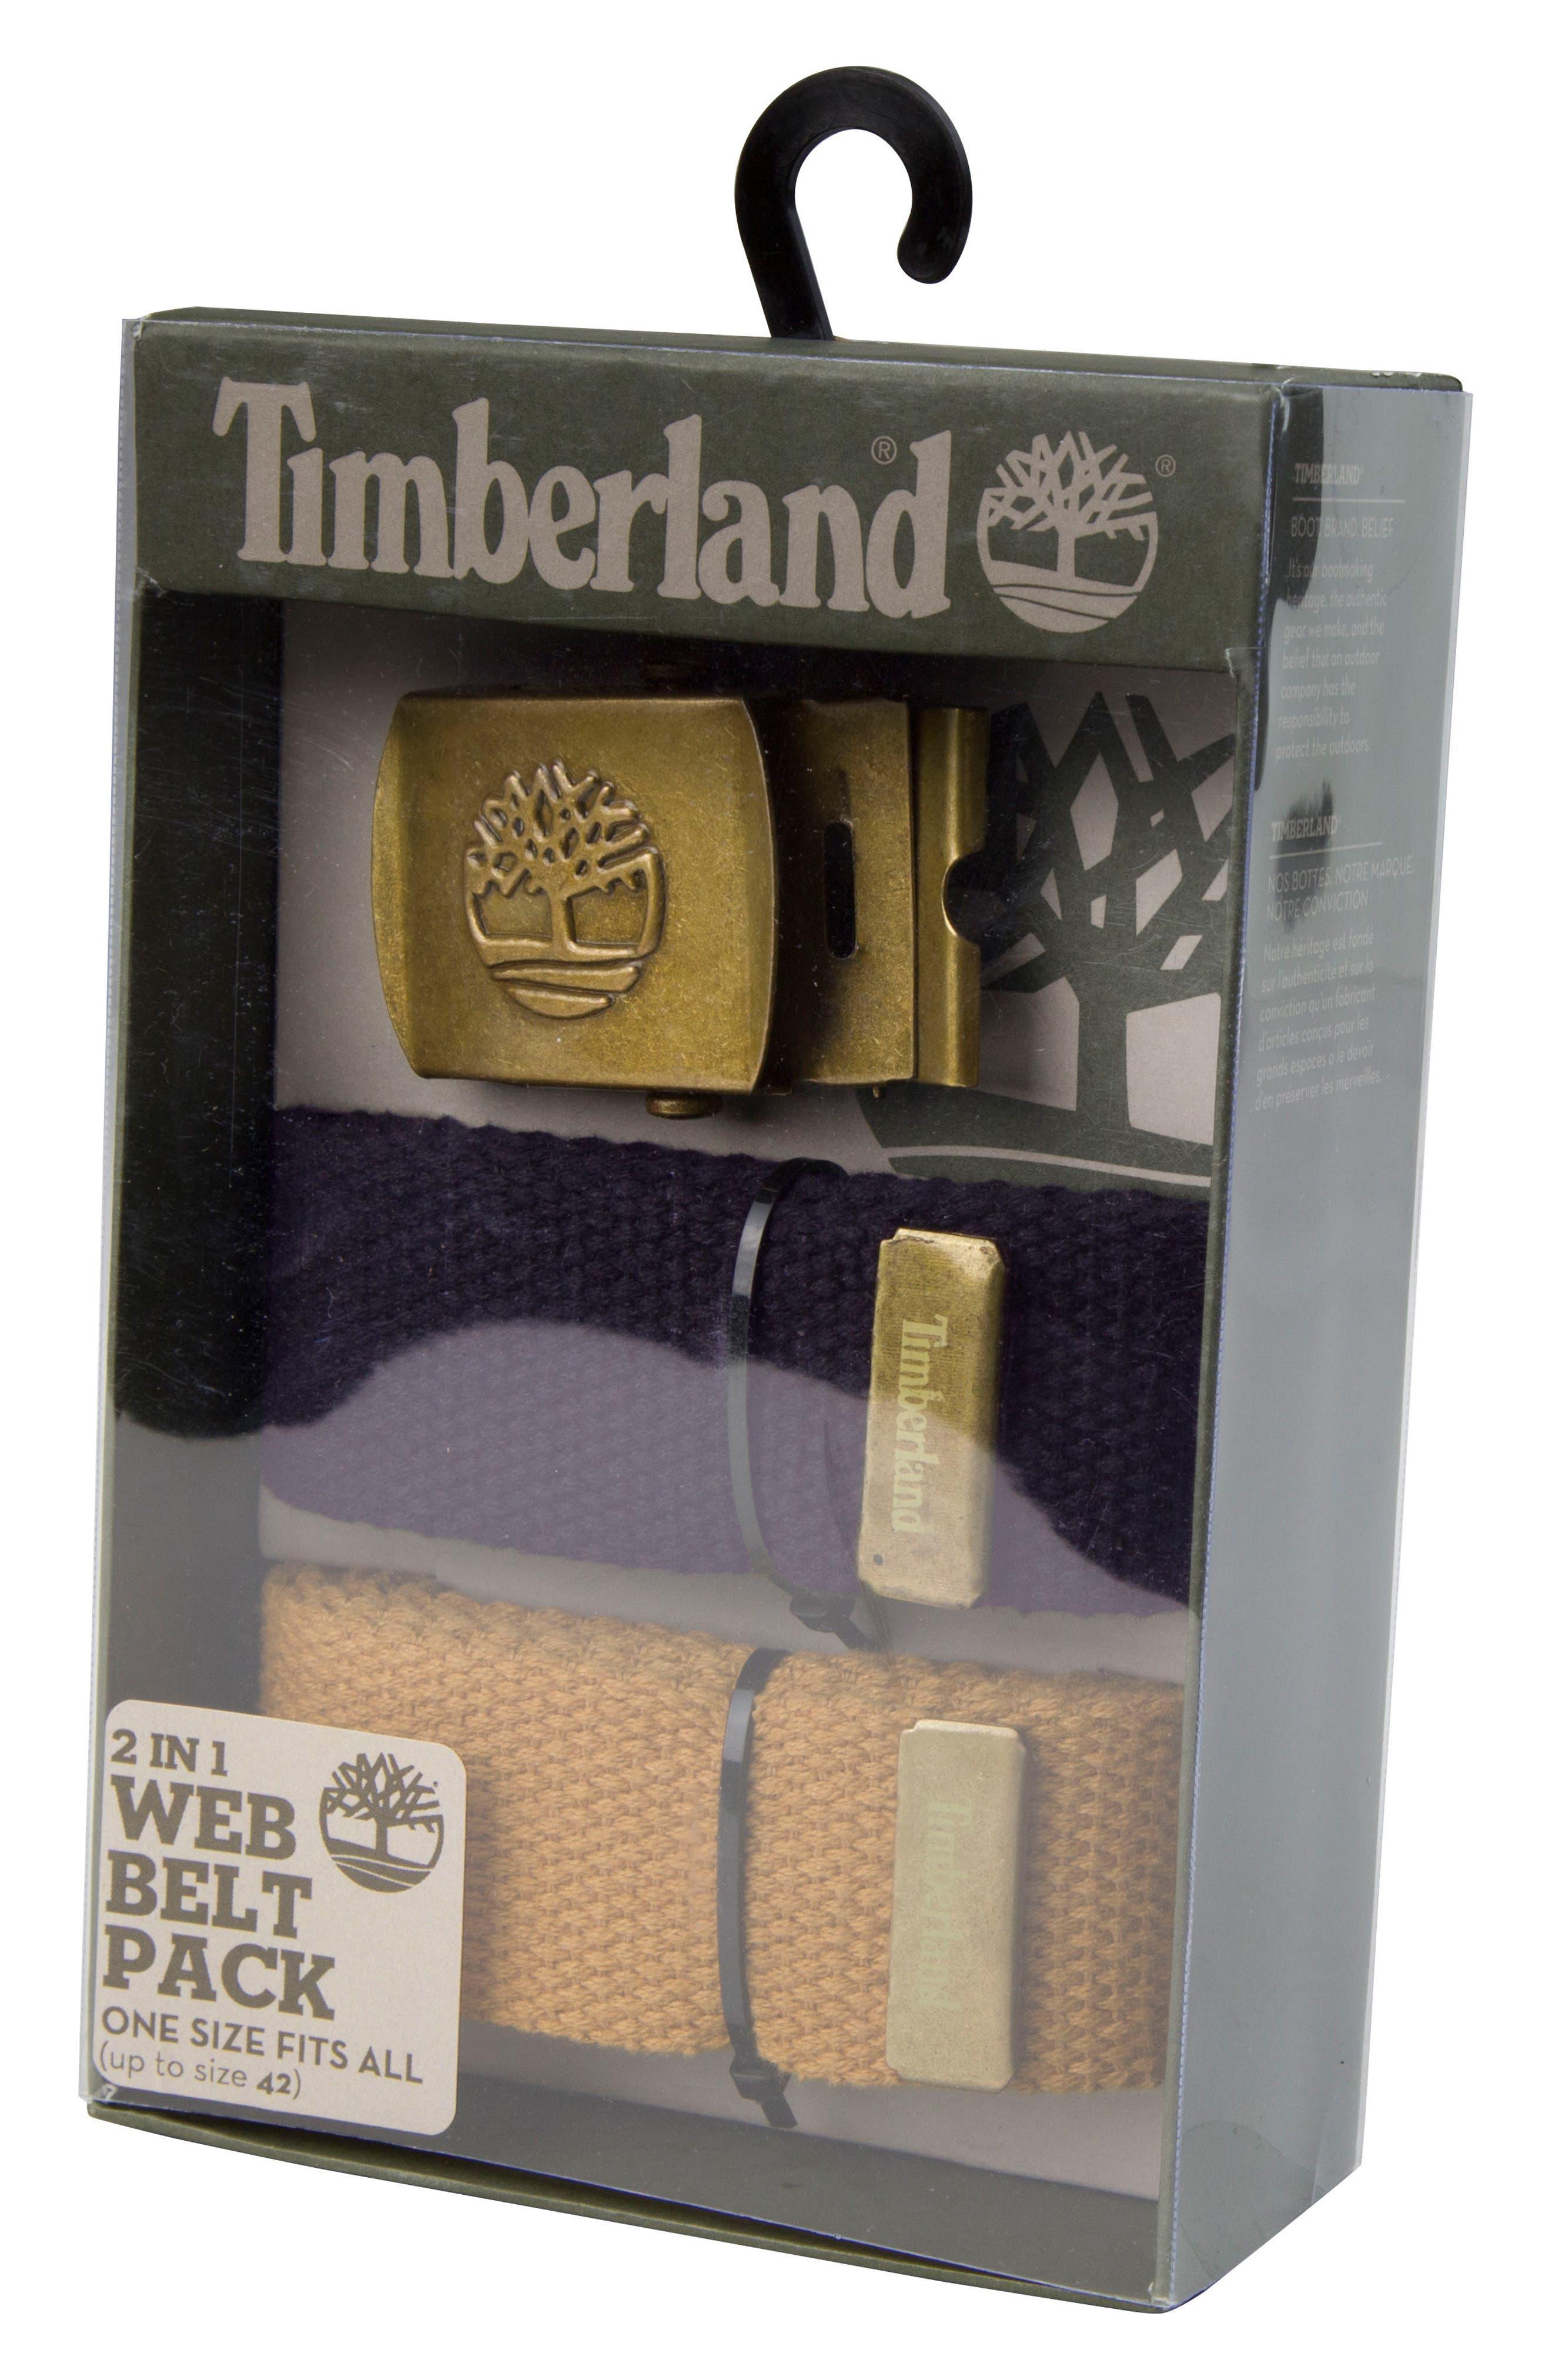 Timberland Two-Strap Web Belt